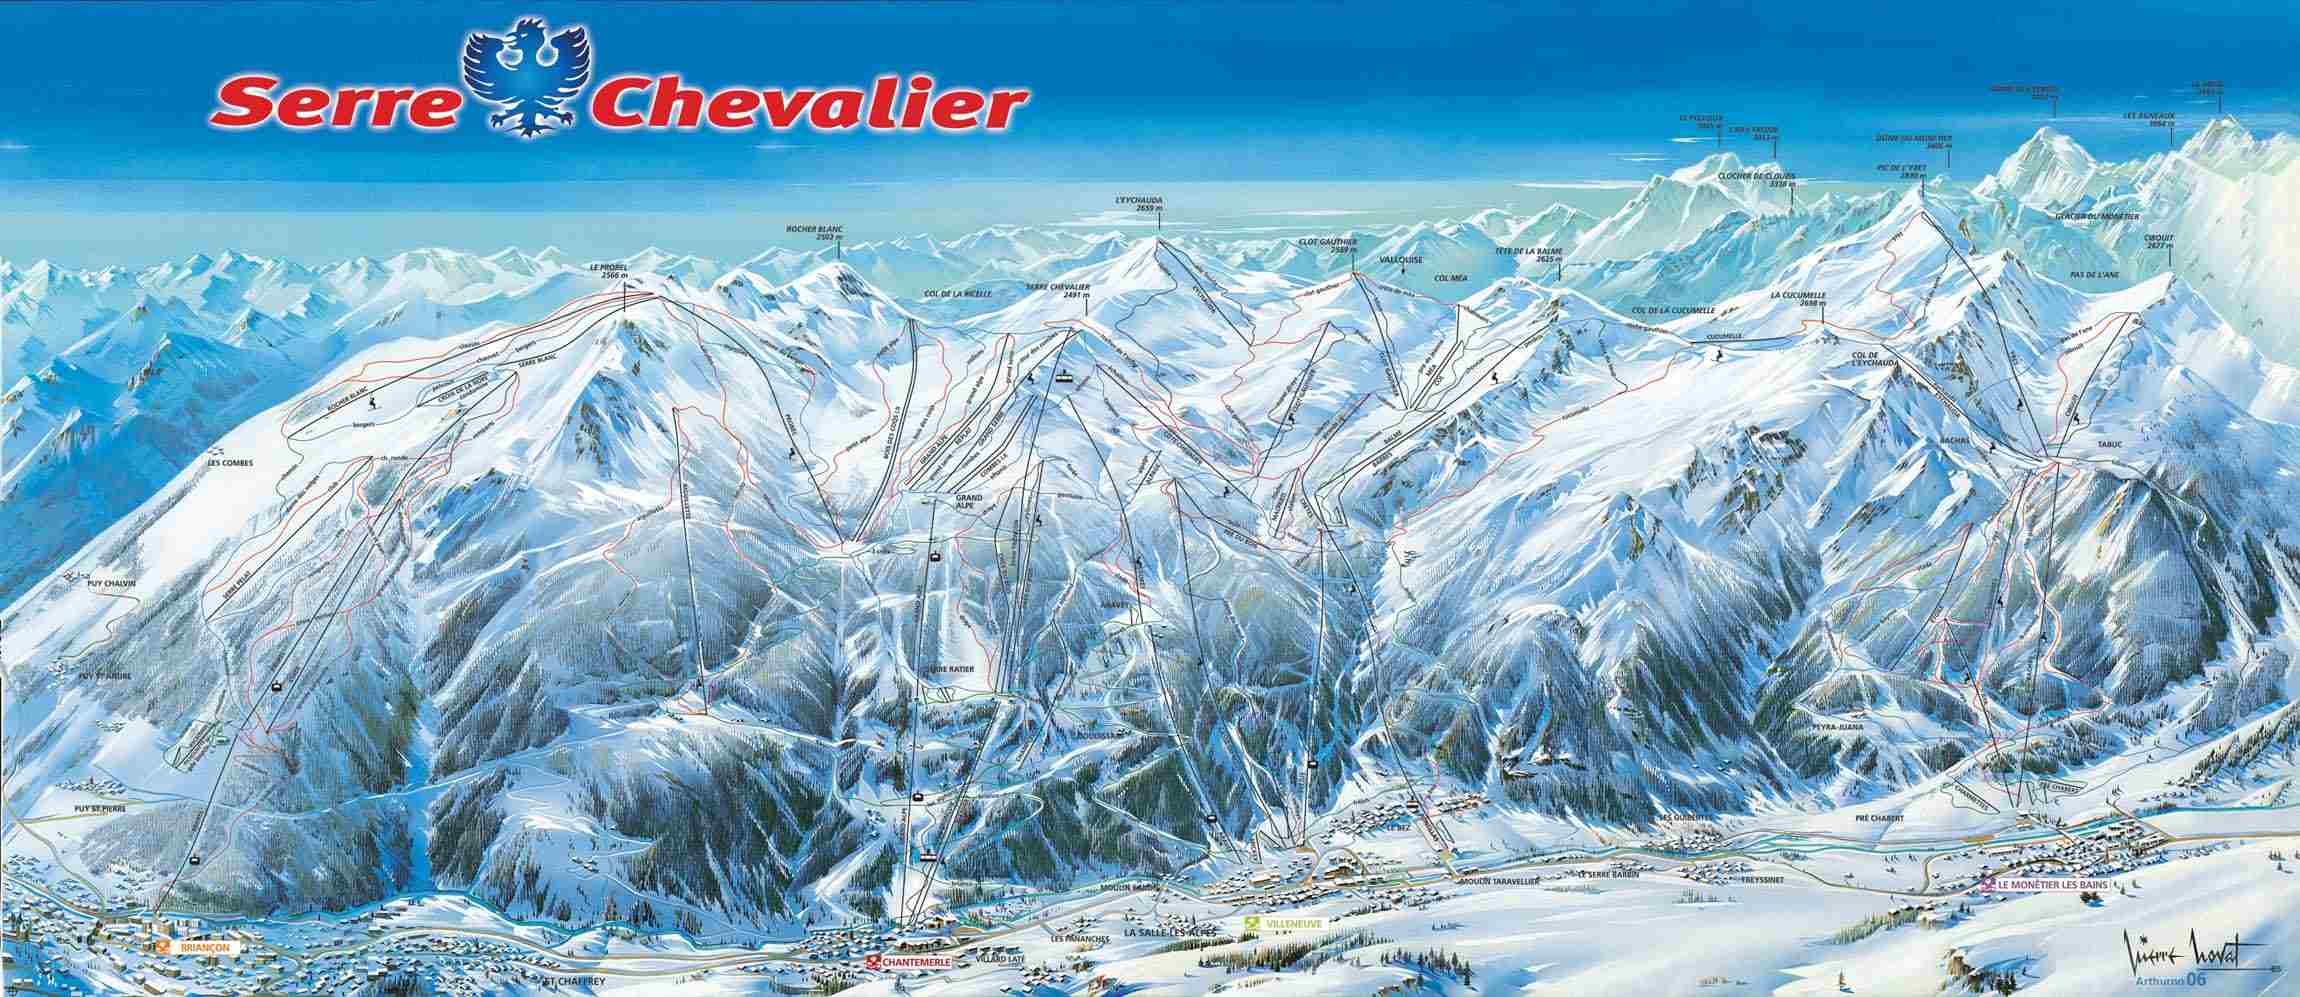 Схема трасс горнолыжного курорта Серр Шевалье